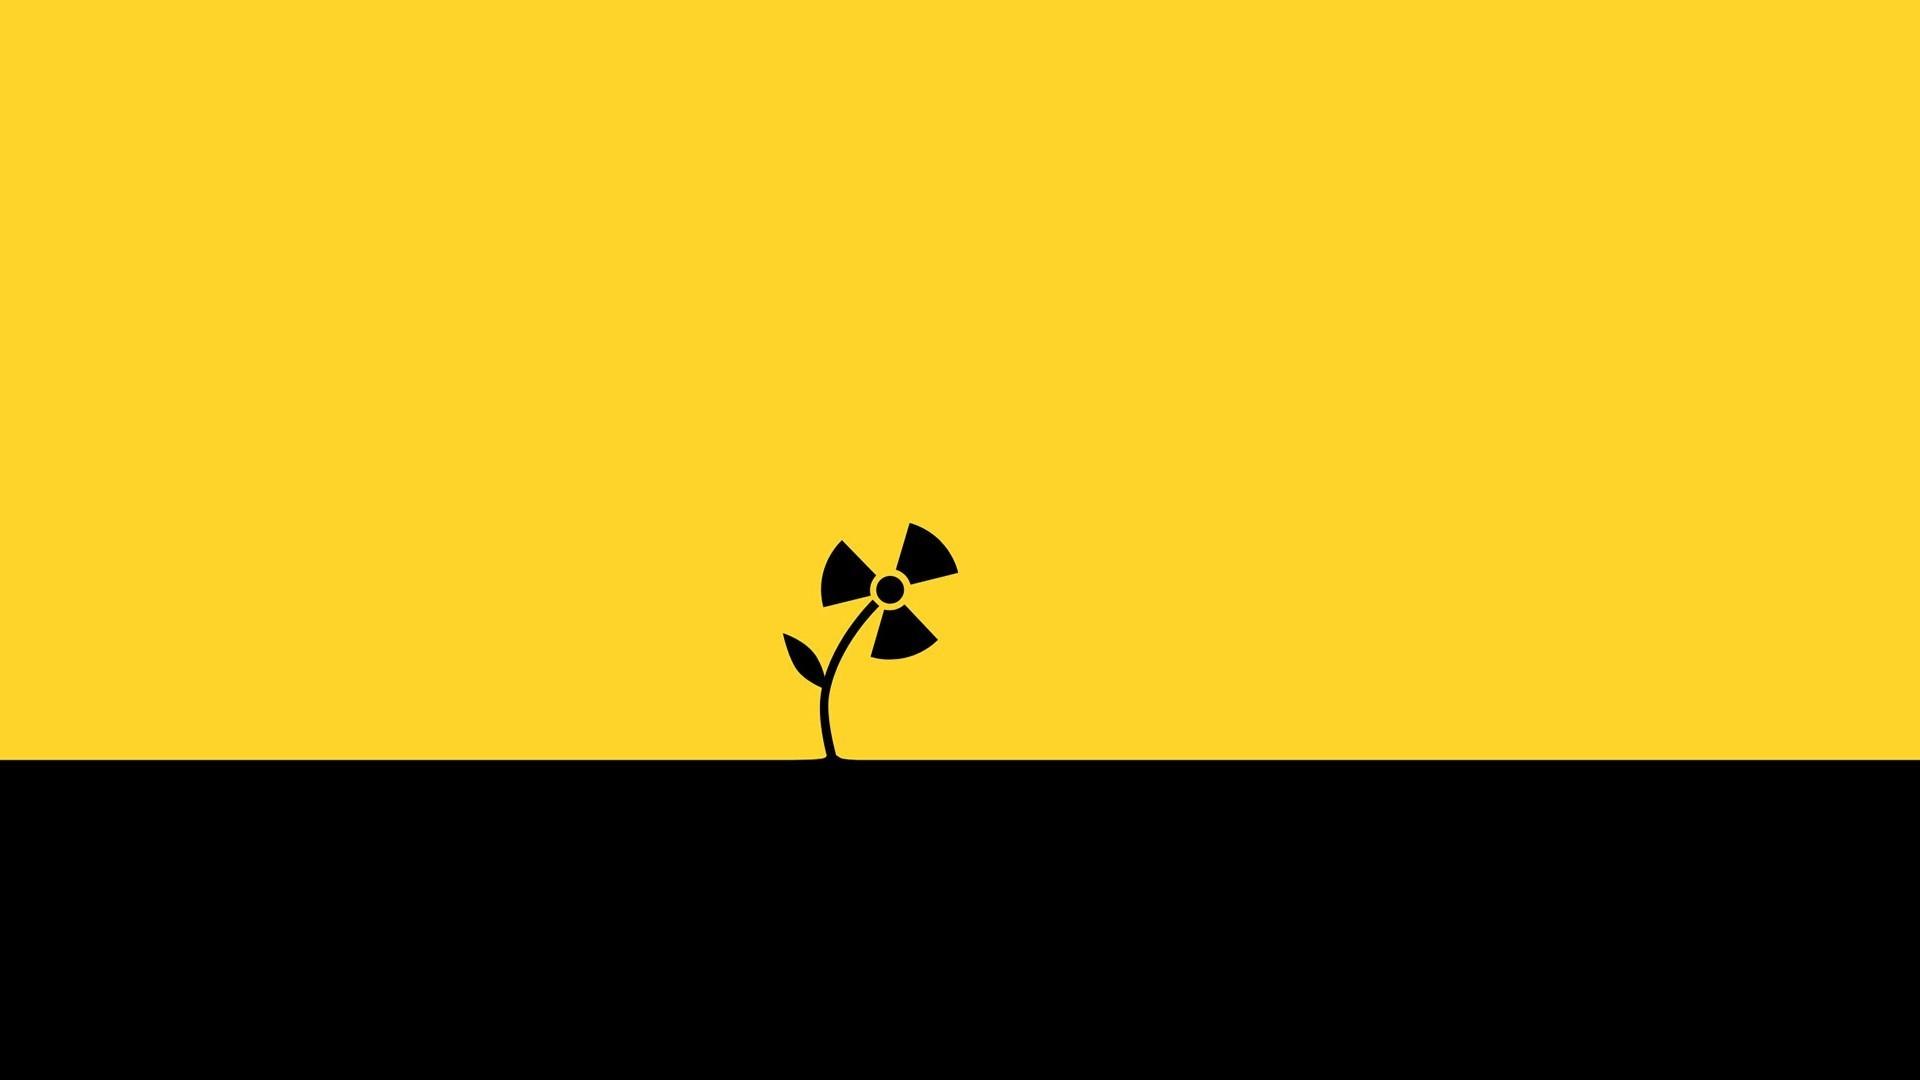 Download 87+ Background Hitam Kuning Terbaik